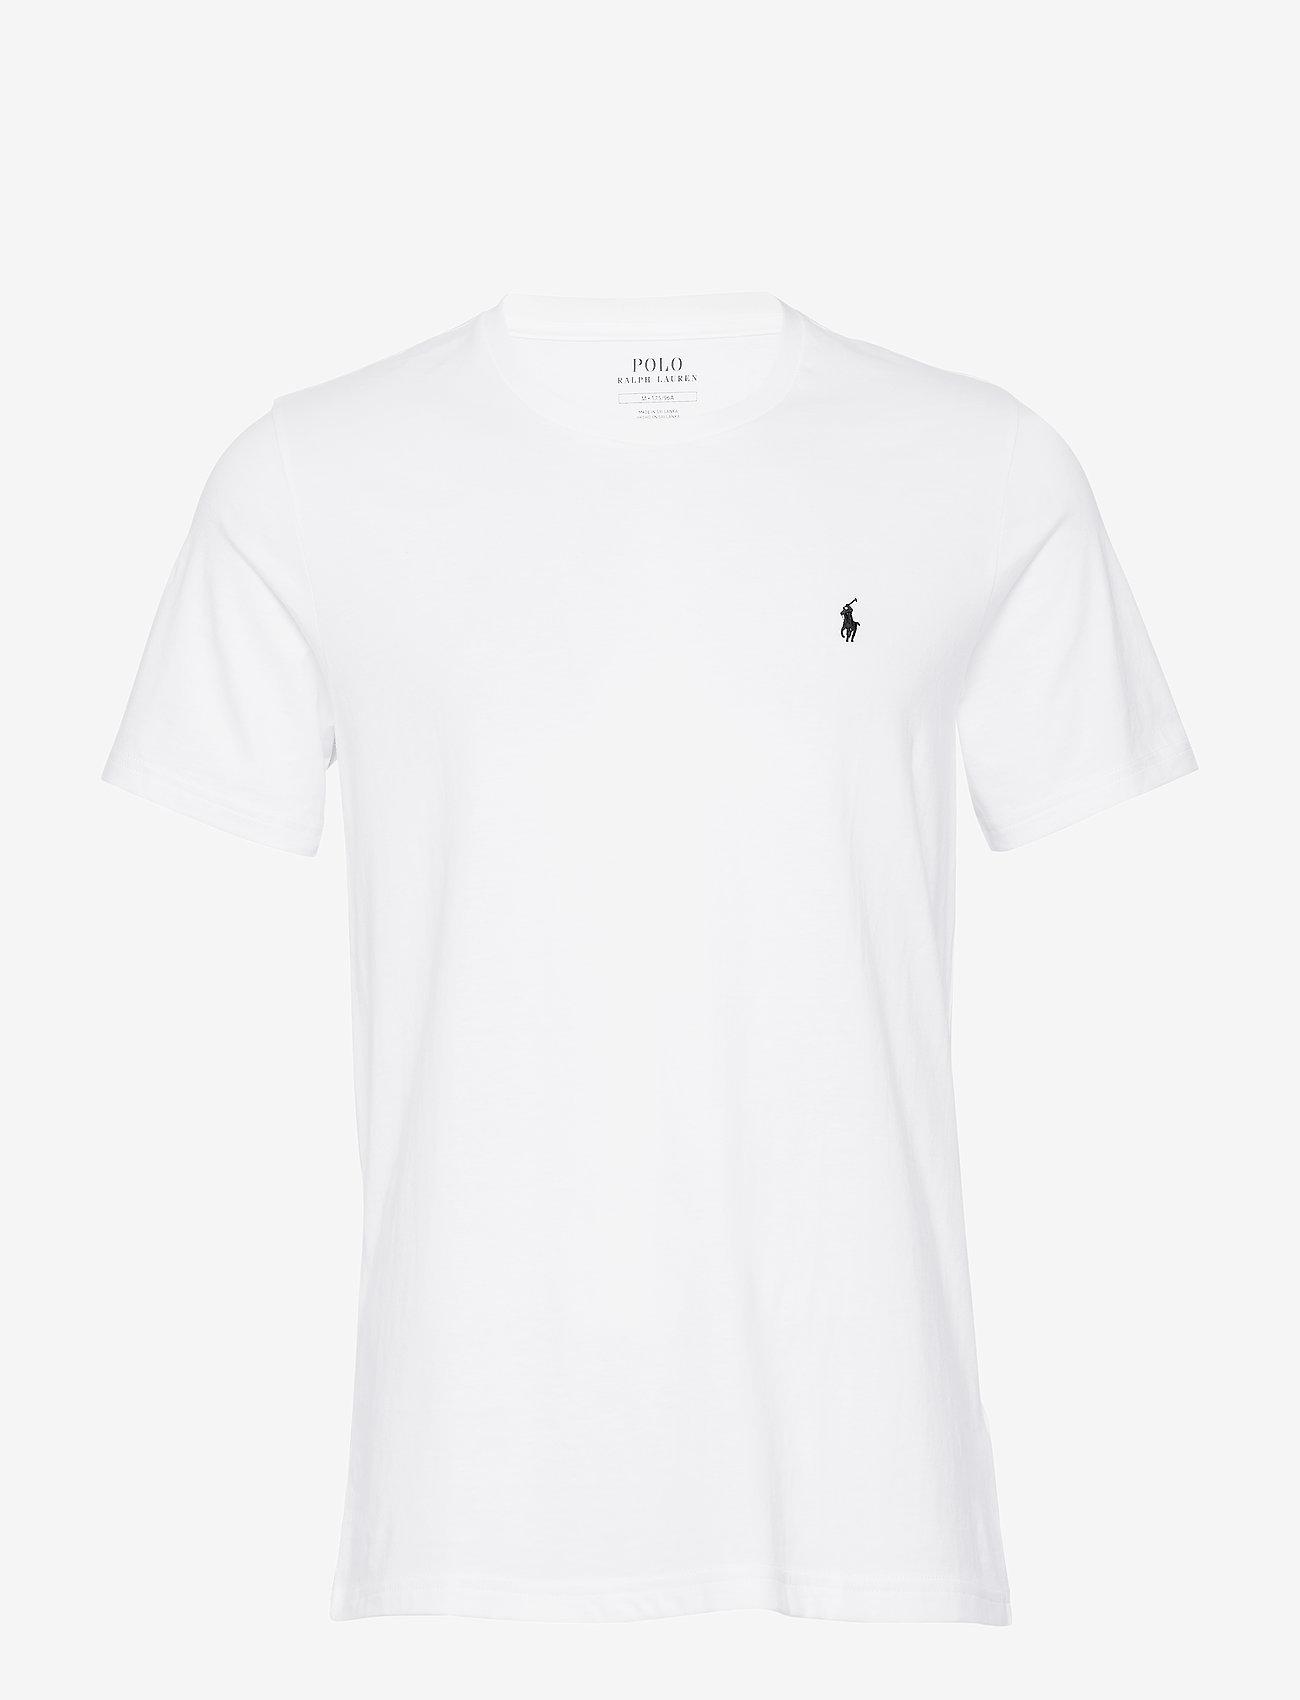 Polo Ralph Lauren Underwear - LIQUID COTTON-CRW-STP - kurzärmelig - white - 0